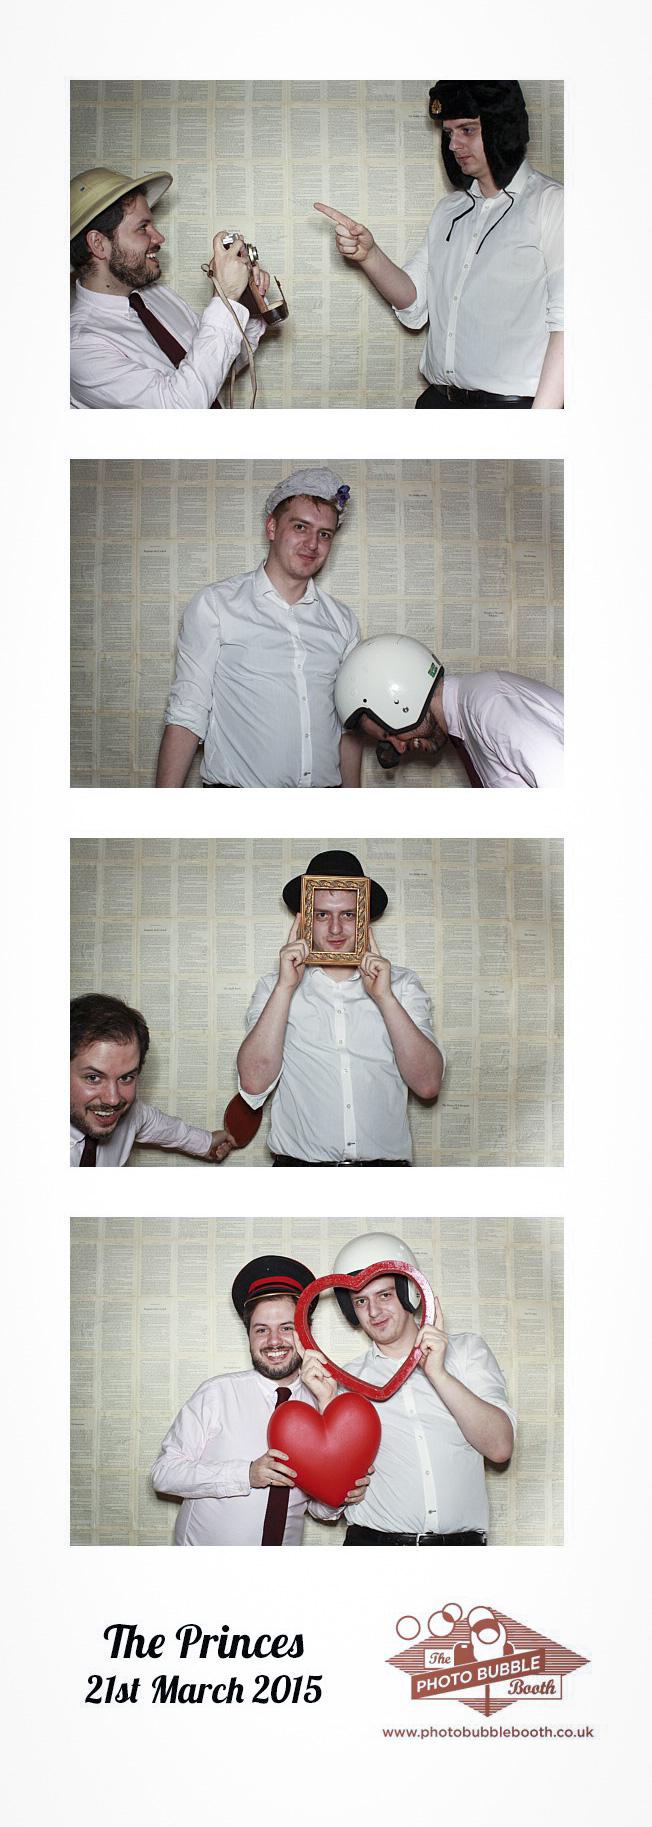 Jay & Andrew Photobubble booth_5.JPG